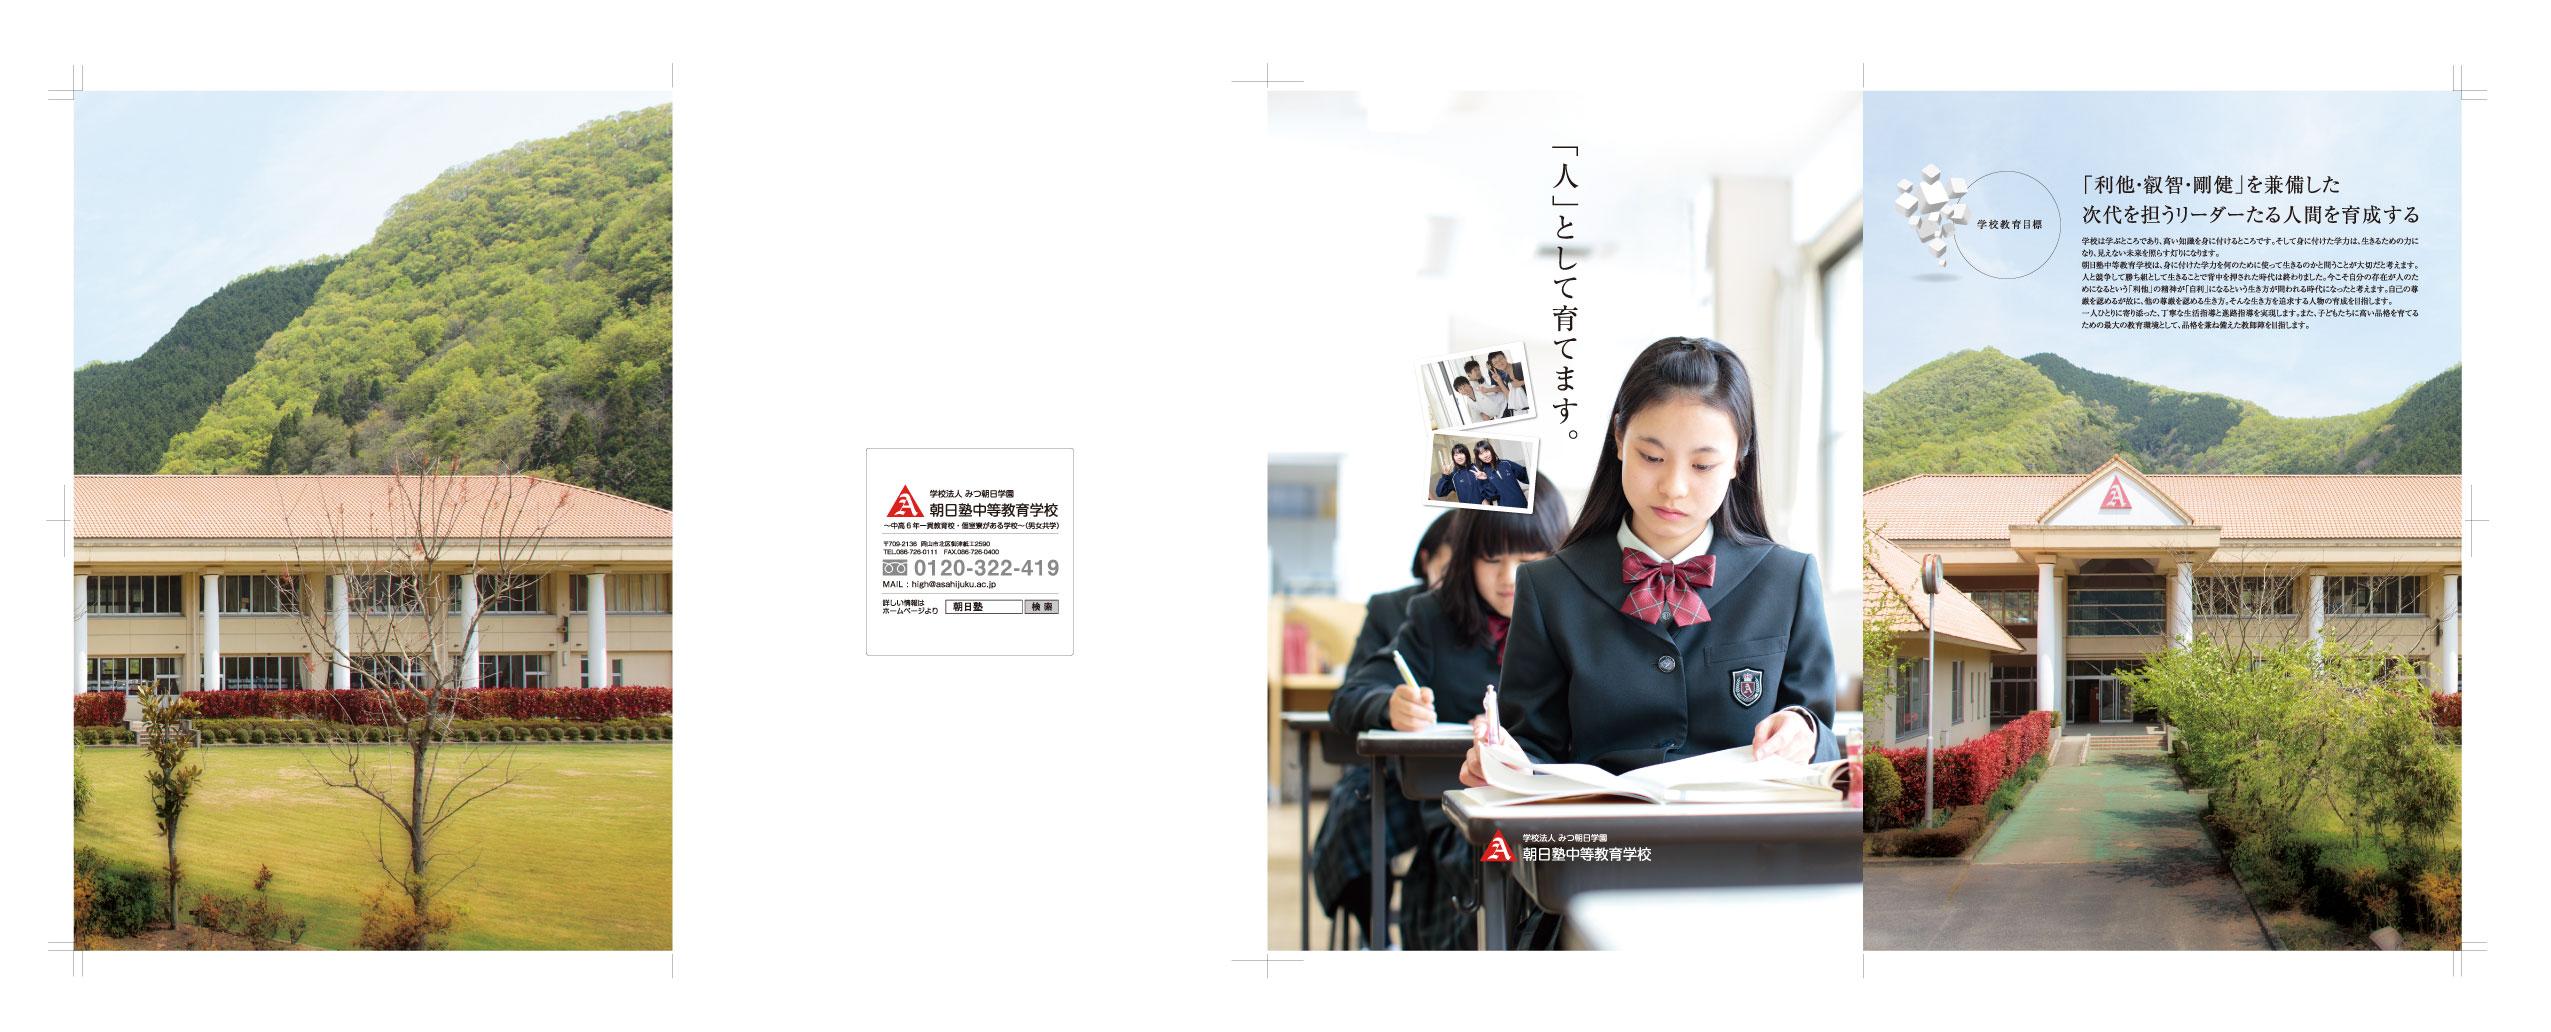 朝日 塾 中等 教育 学校